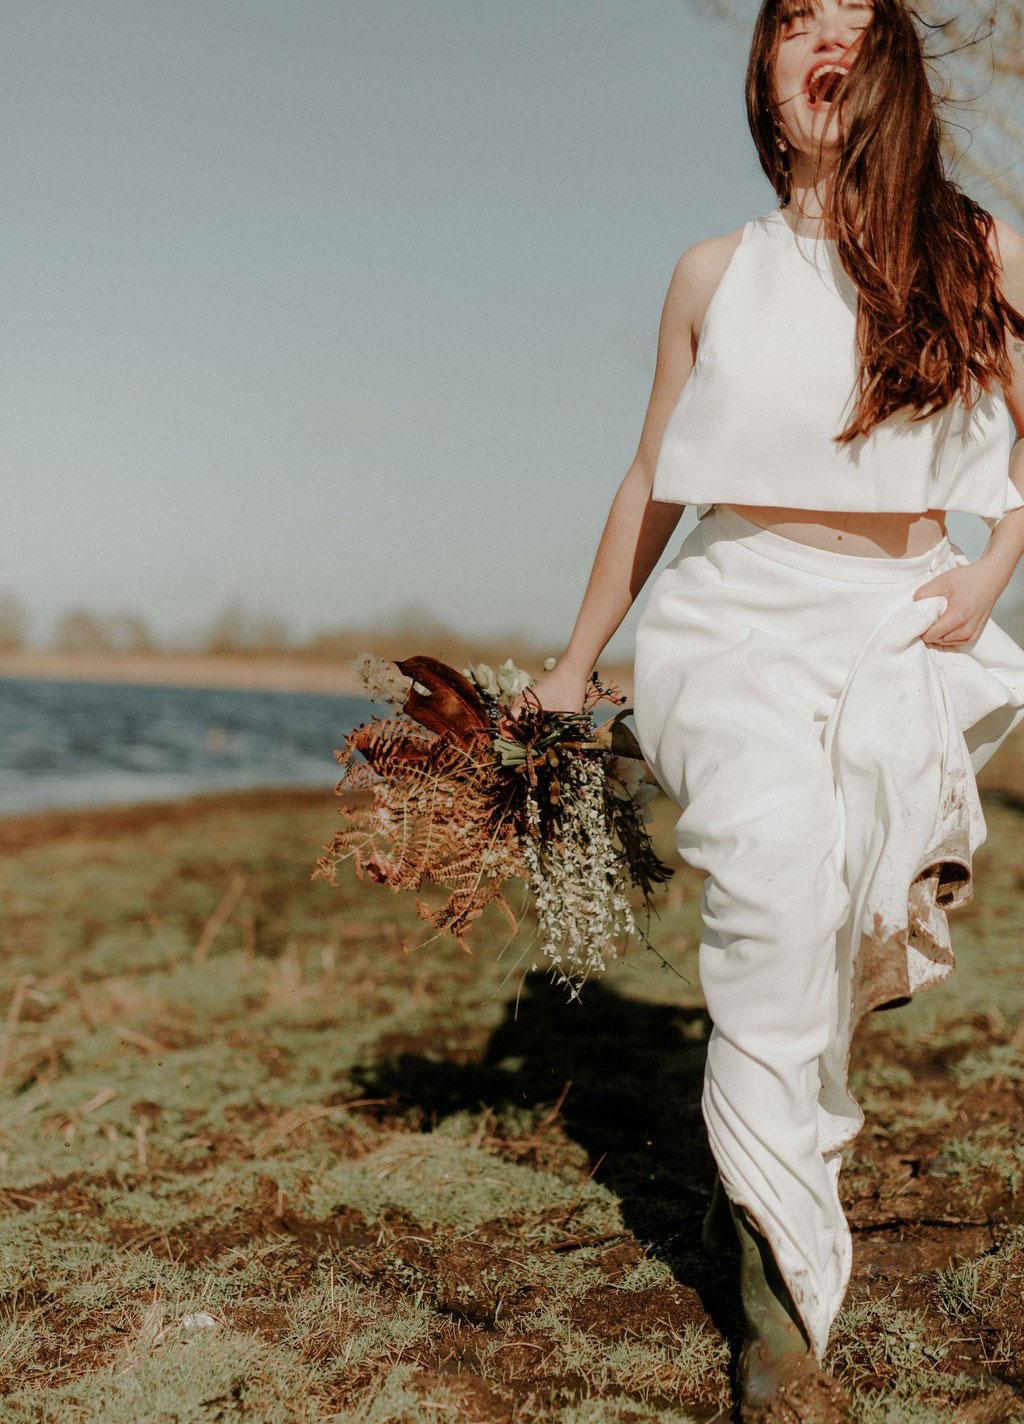 Robe de mariée deux pièces - crop top et jupe longue avec bottes de pluie